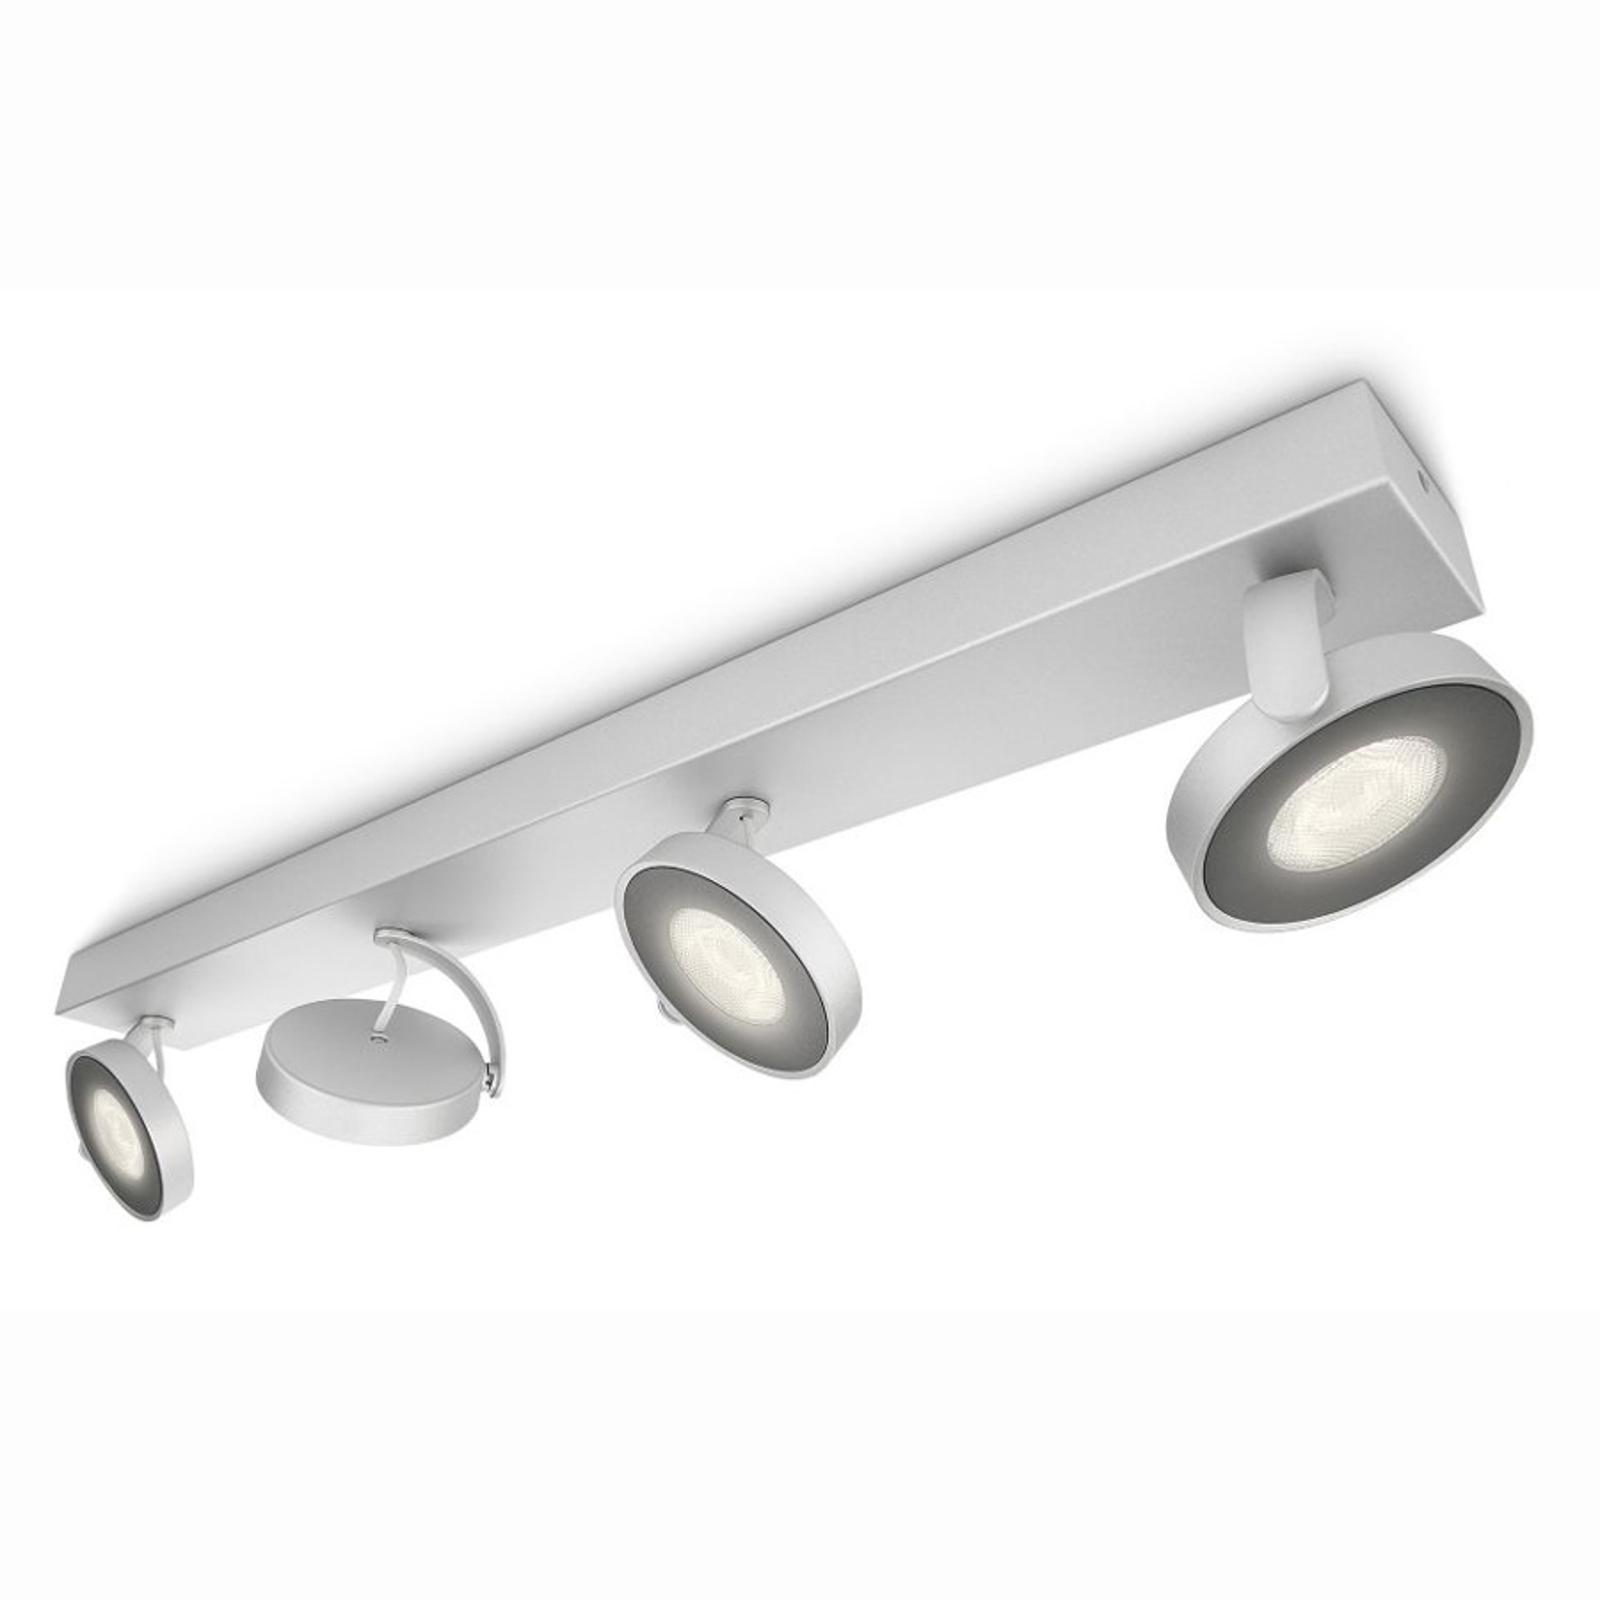 Plafonnier LED Clockwork de couleur aluminium